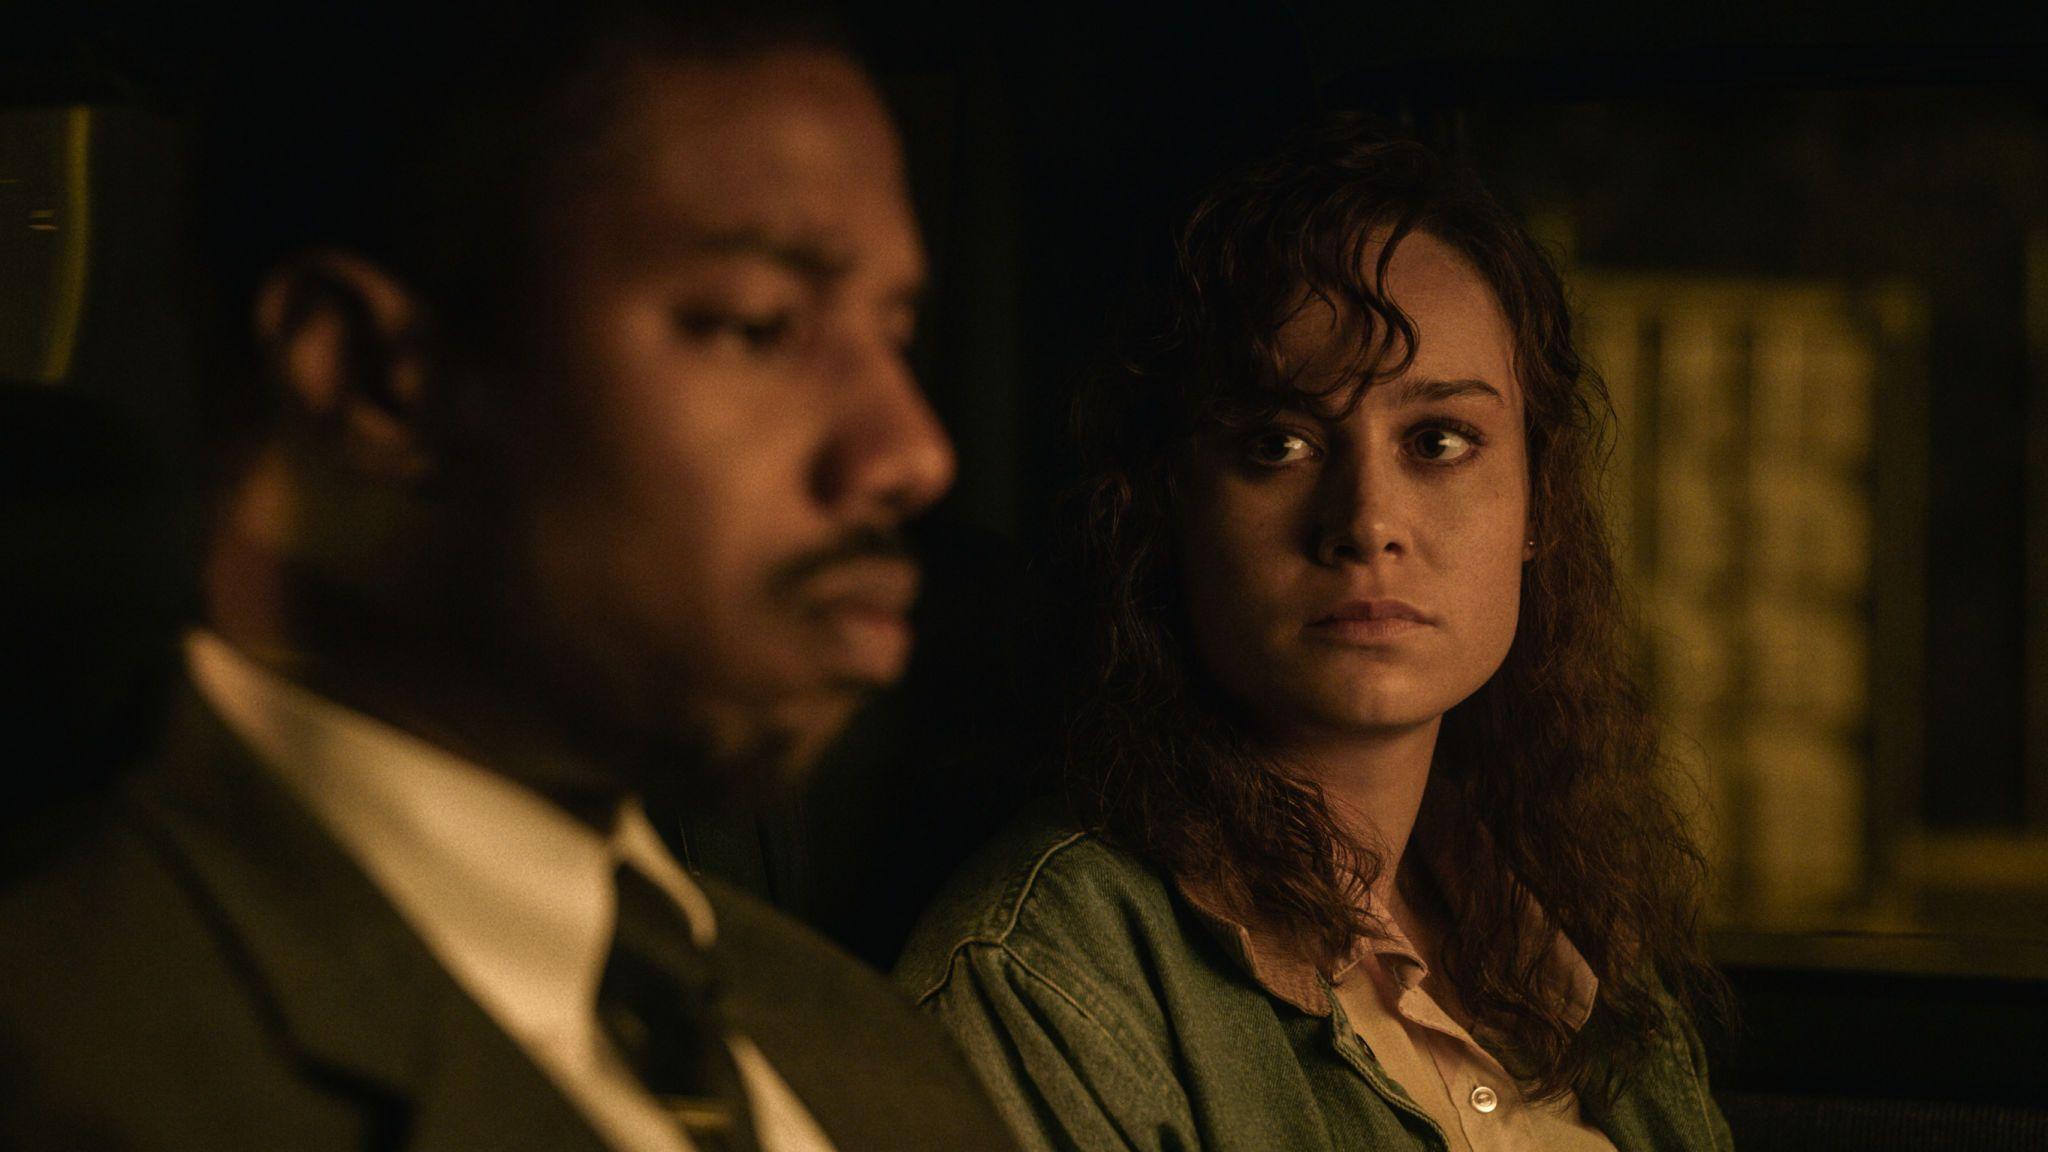 Michael B Jordan and Brie Larson in Just Mercy. Pic: Warner Bros Entertainment Inc